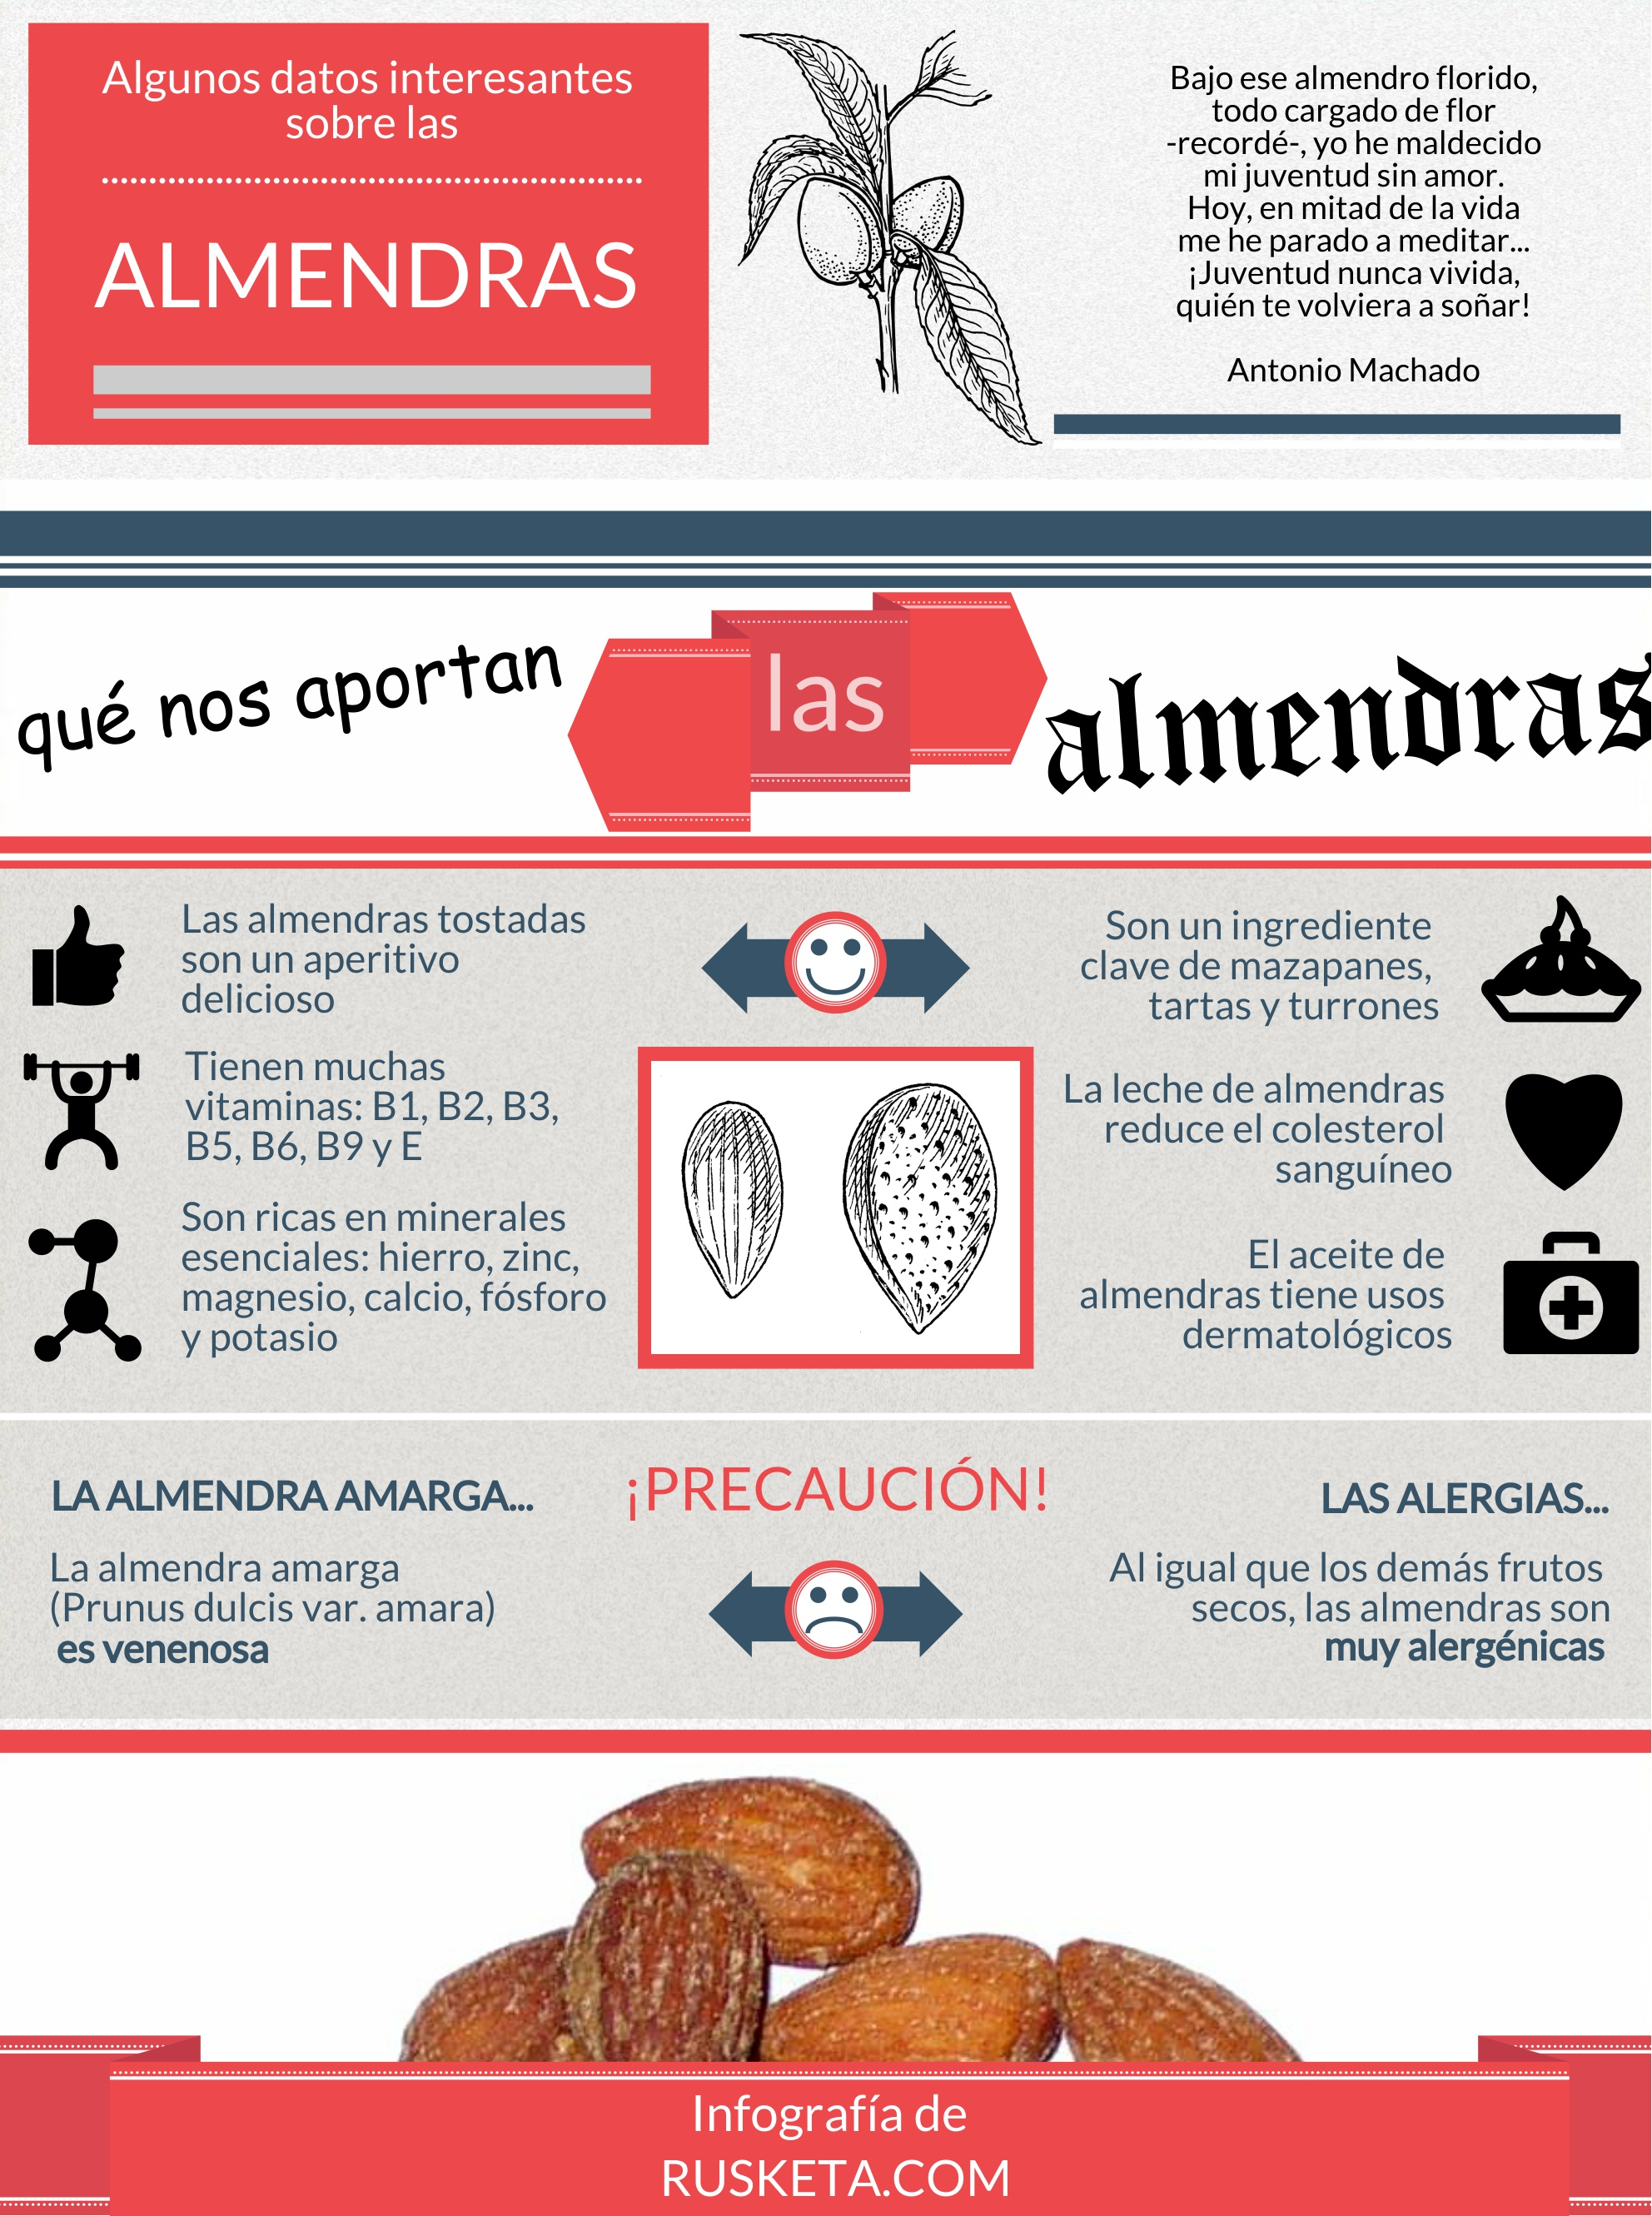 Infografía de las almendras